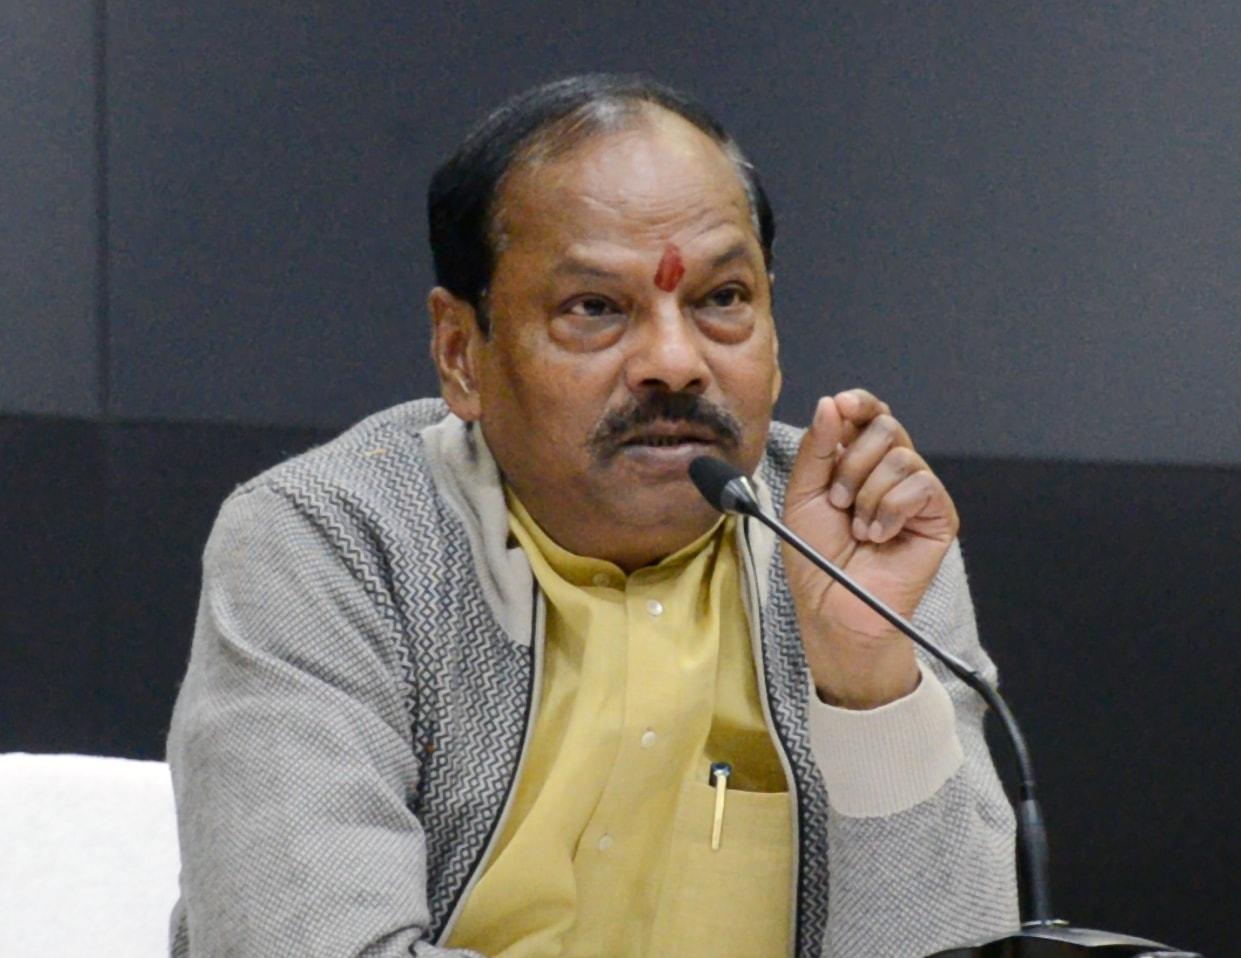 <p>मुख्यमंत्री ने झारखंड मंत्रालय में मुख्यमंत्री लघु एवं कुटीर उद्यम बोर्ड की बैठक को संबोधित किया|</p>